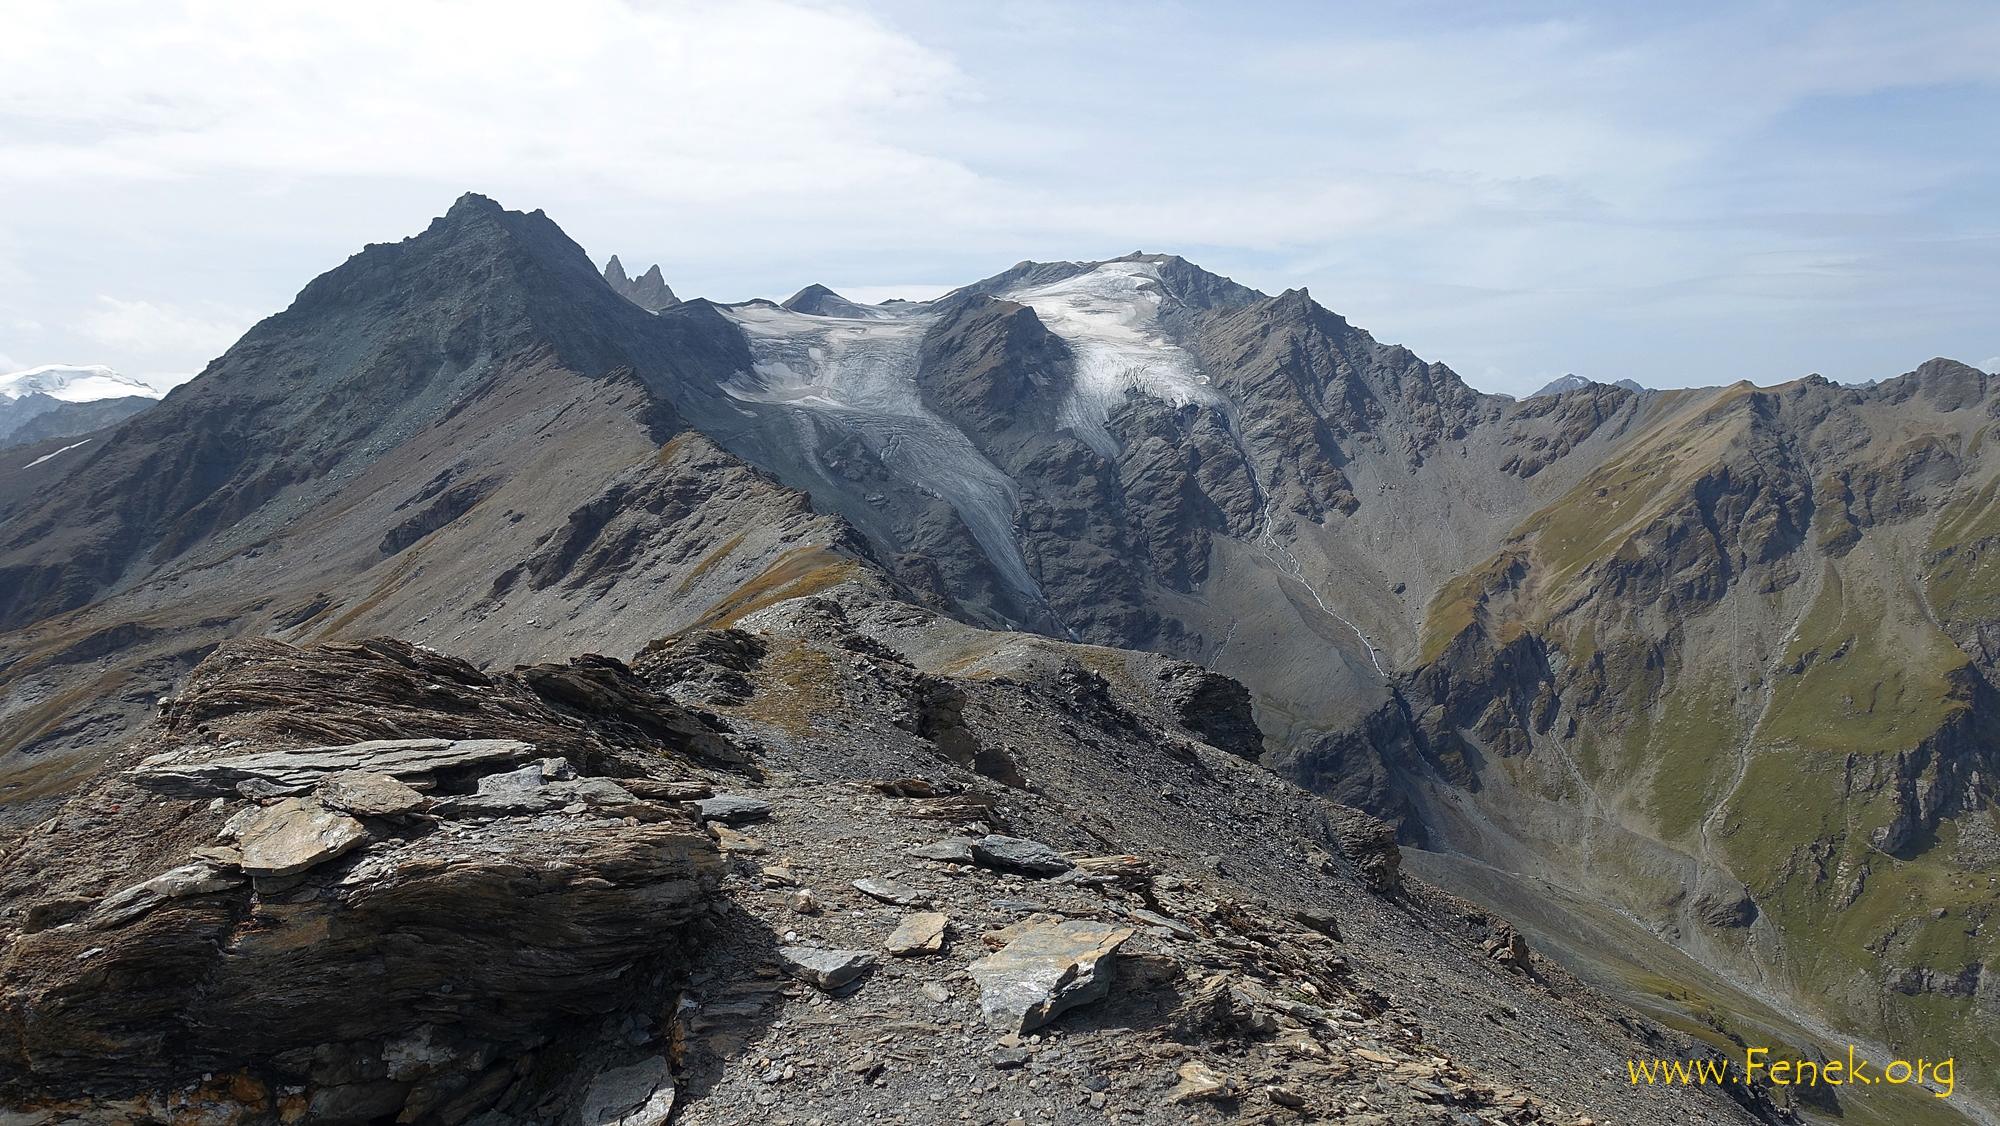 Blick über den Grat zum Mont de l'Etoile - rechts Pointe de Vouasson